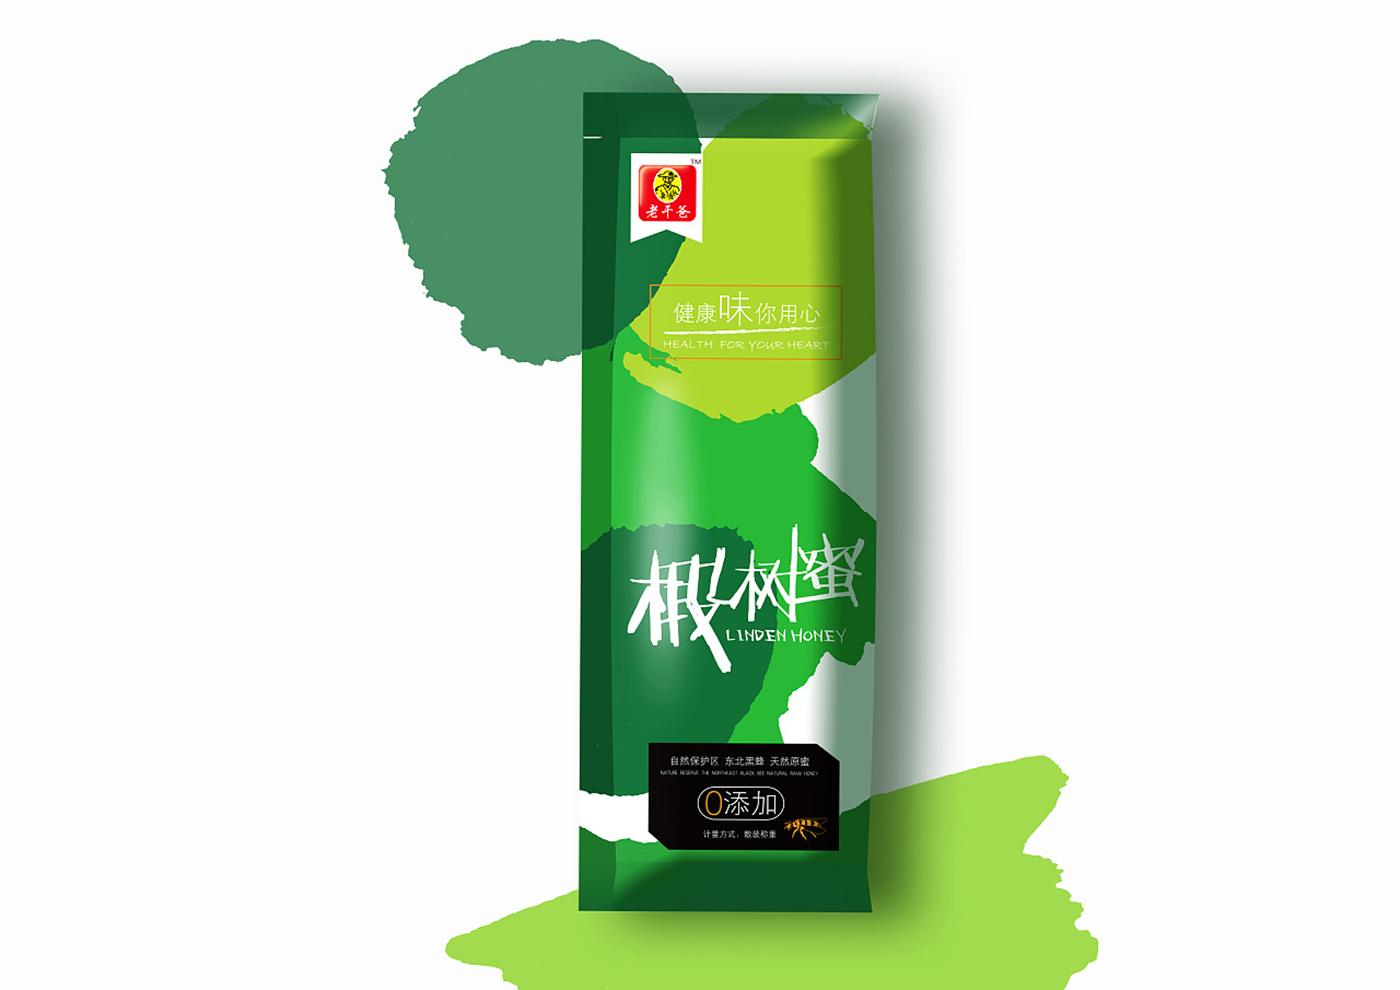 江苏老干爸食品有限公司-老干爸蜂蜜系列包装3